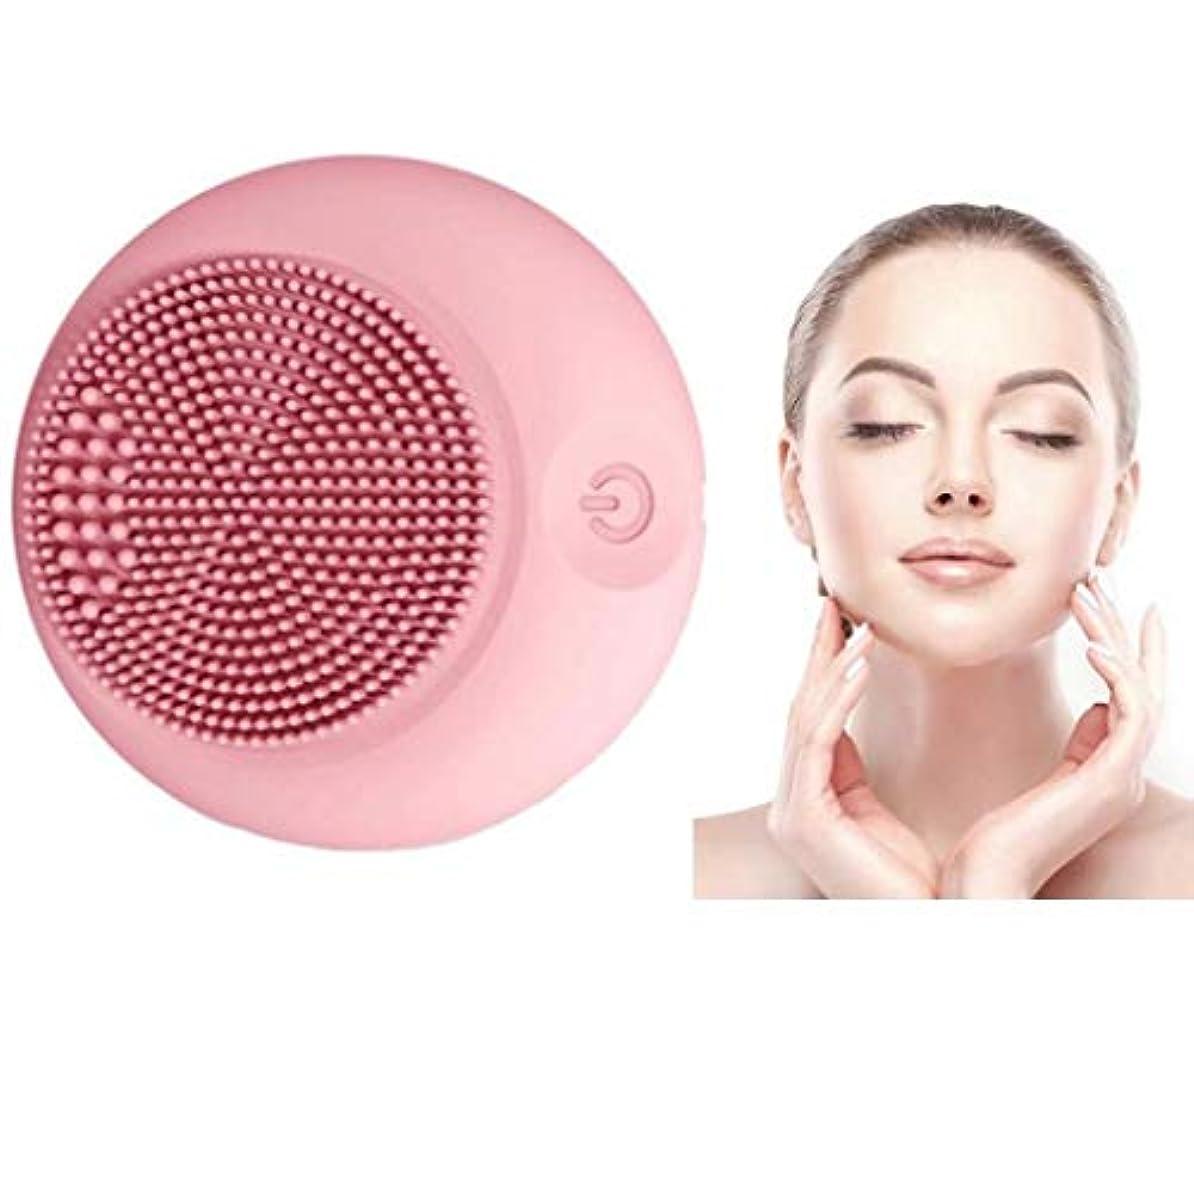 ステレオタイプディレクター餌クレンジング楽器、シリコンクレンジングブラシ、電動ウォッシュブラシ、シリコンフェイシャルマッサージ、ポータブル超音波振動、肌を清潔に保ち、防水、すべての肌タイプに適して (Color : Pink)